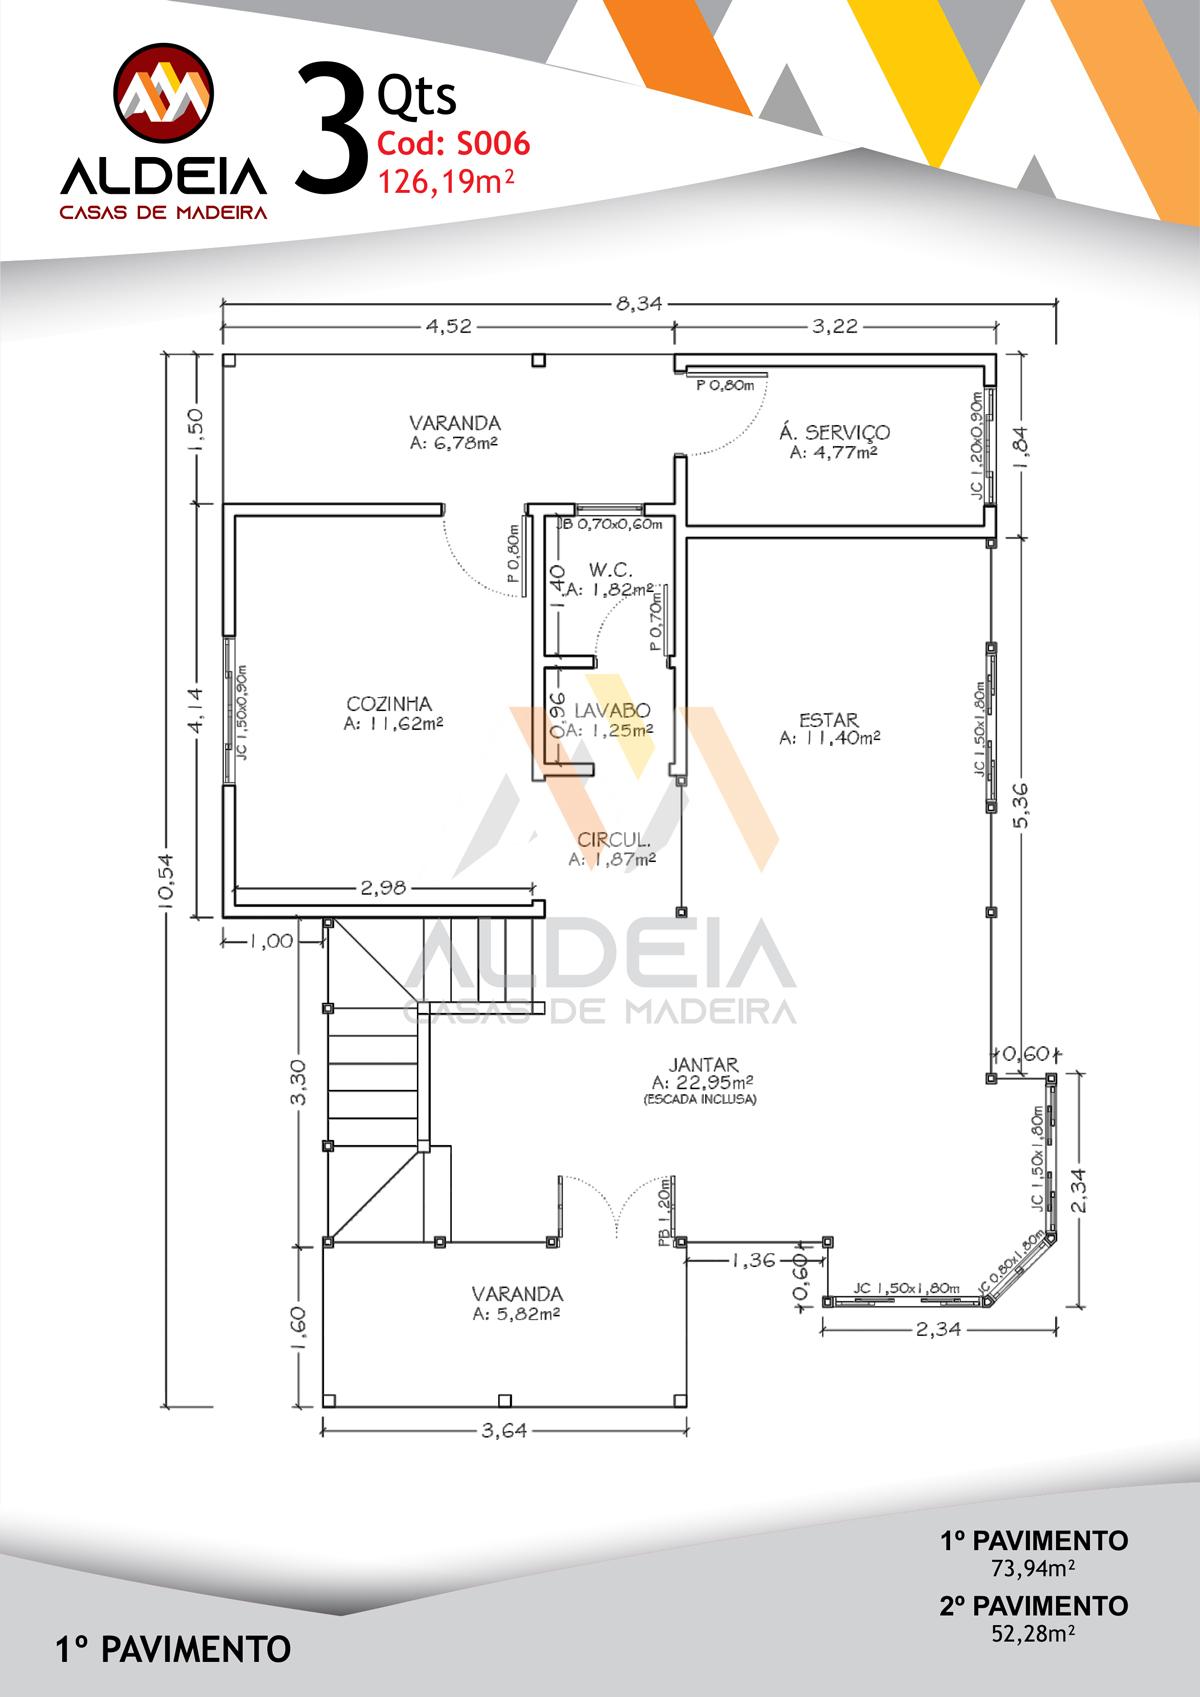 aldeia-casas-madeira-arquitetura-S006-1